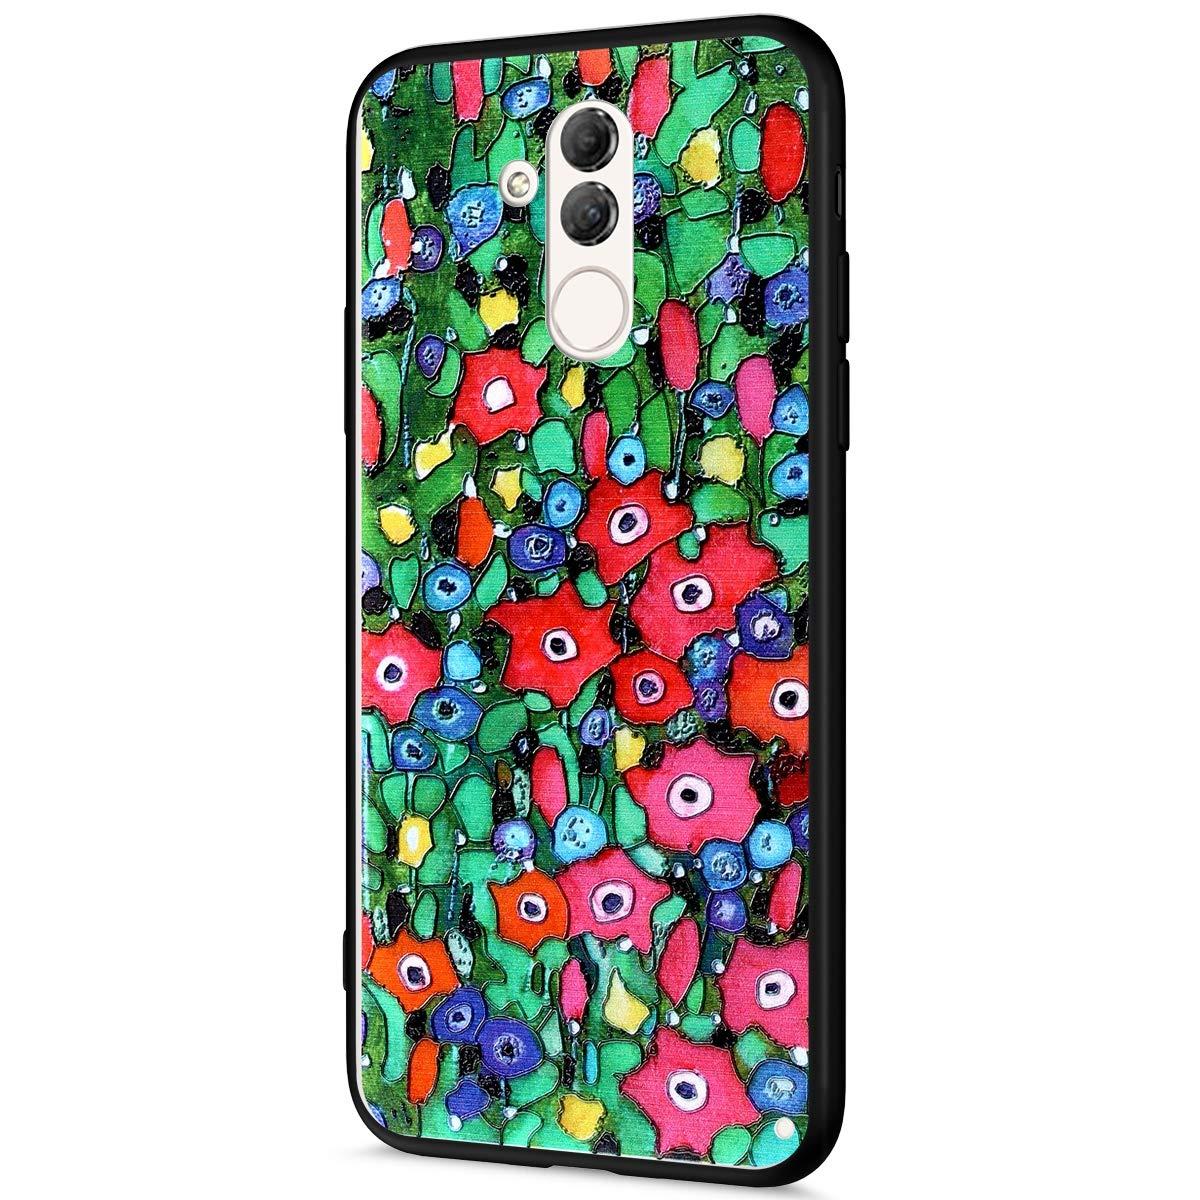 Compatibile con Cover Huawei Mate 20 Lite Custodia Silicone Morbido,Bling Brillantini Fiori Farfalla 3D Painted Pattern Bianca Silicone Cover Ultra Soft TPU e PC Anti-Scratch Slim Case.Cactus